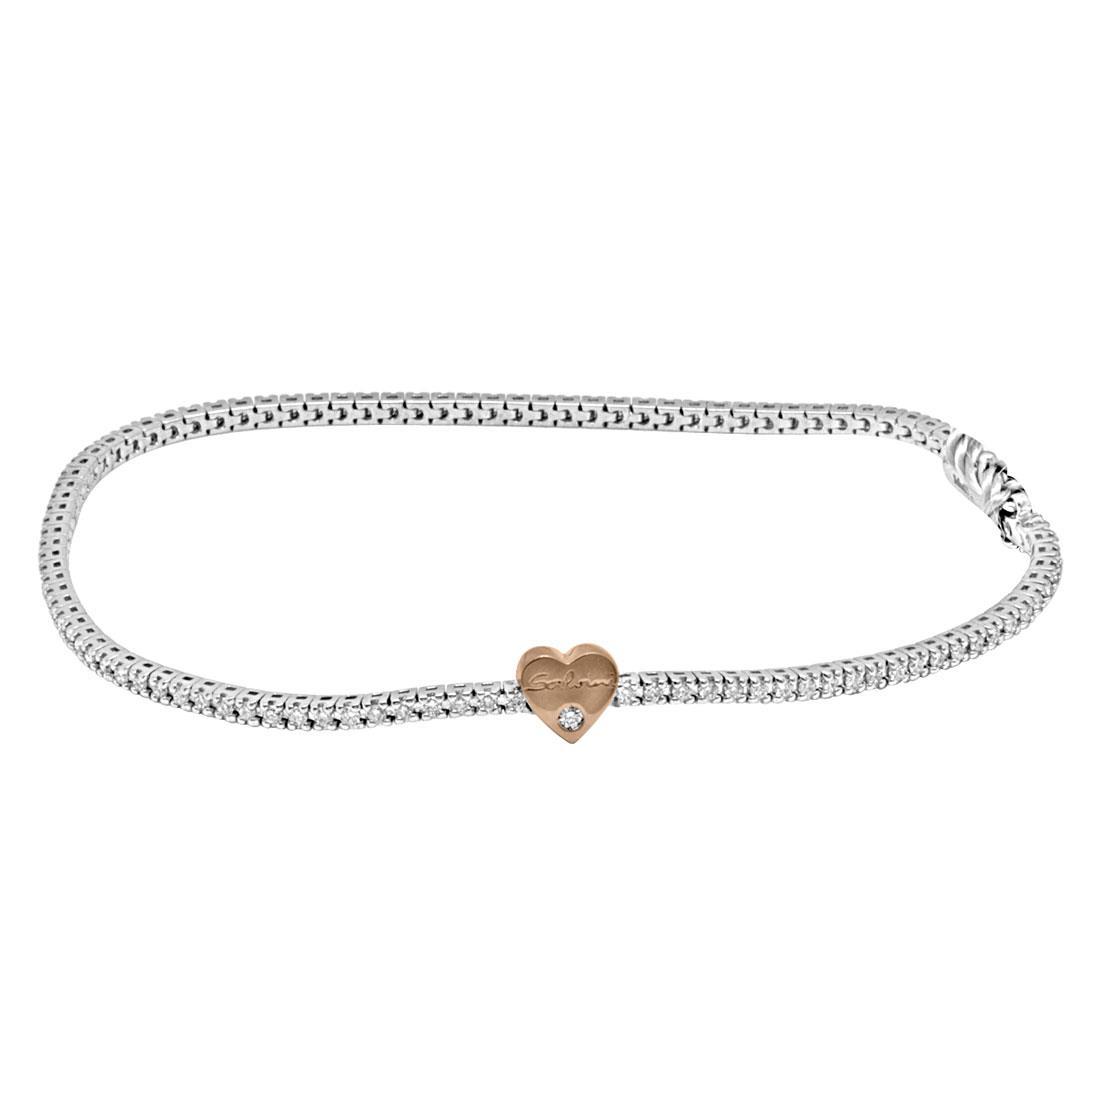 Bracciale in oro bianco con diamanti ct 0.71 e cuore in oro giallo - SALVINI